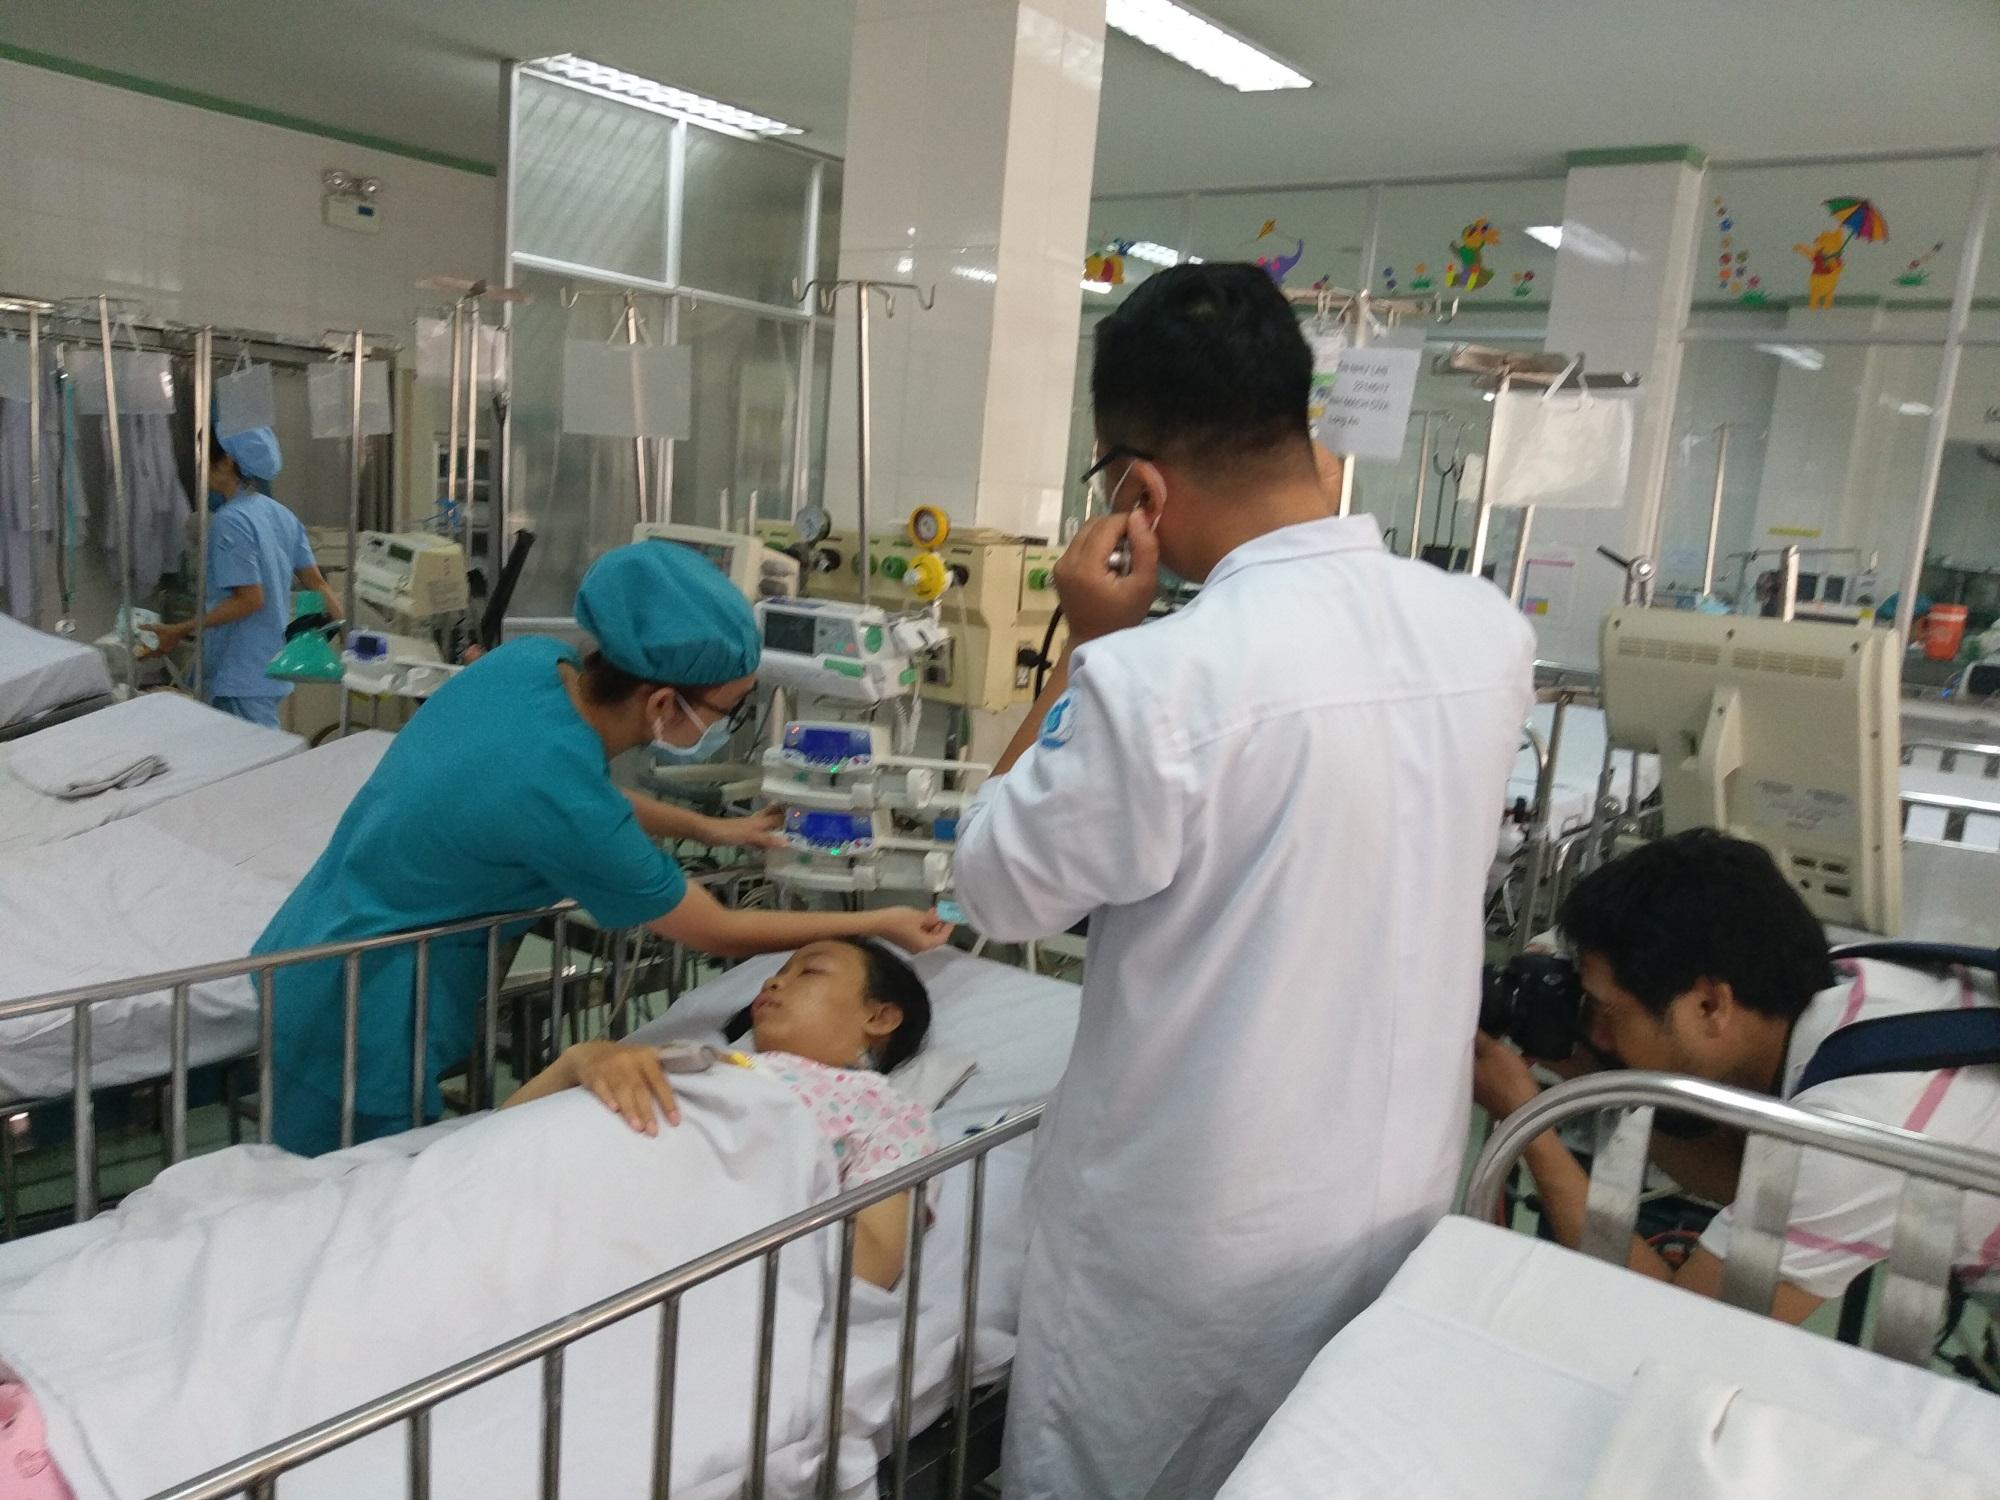 Bác sĩ 'chôn chân' 8 tiếng 'bắc cầu vượt mạch máu' cứu bé gái 13 tuổi - Ảnh 1